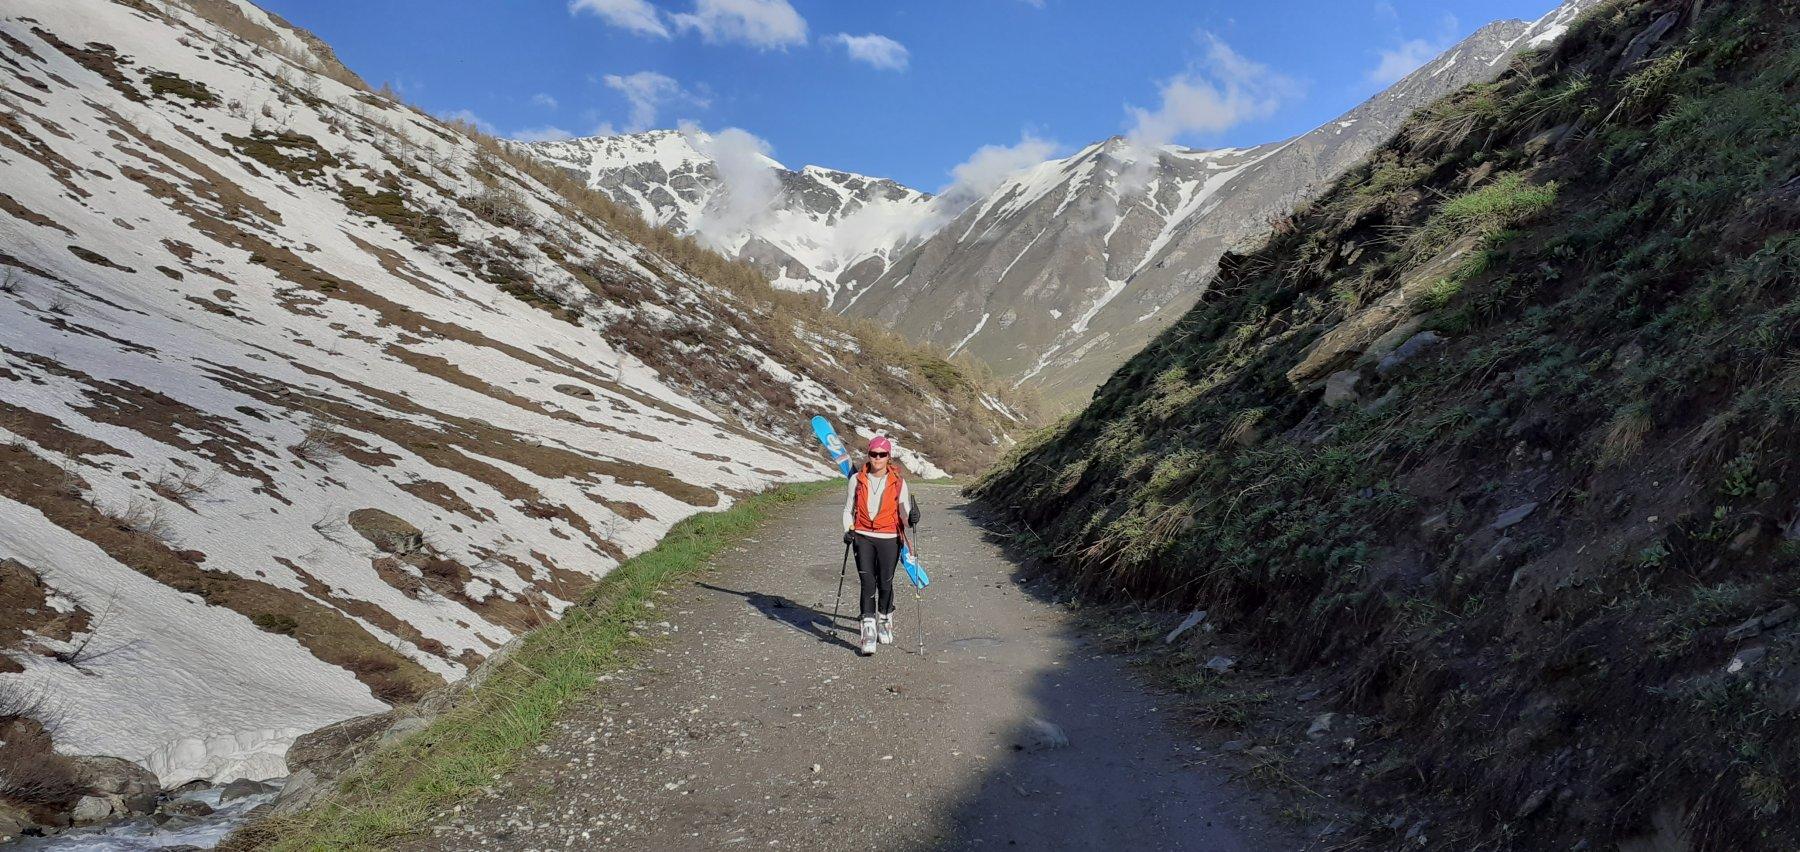 Gli sci si portano per 45 minuti e 250 metri di dislivello